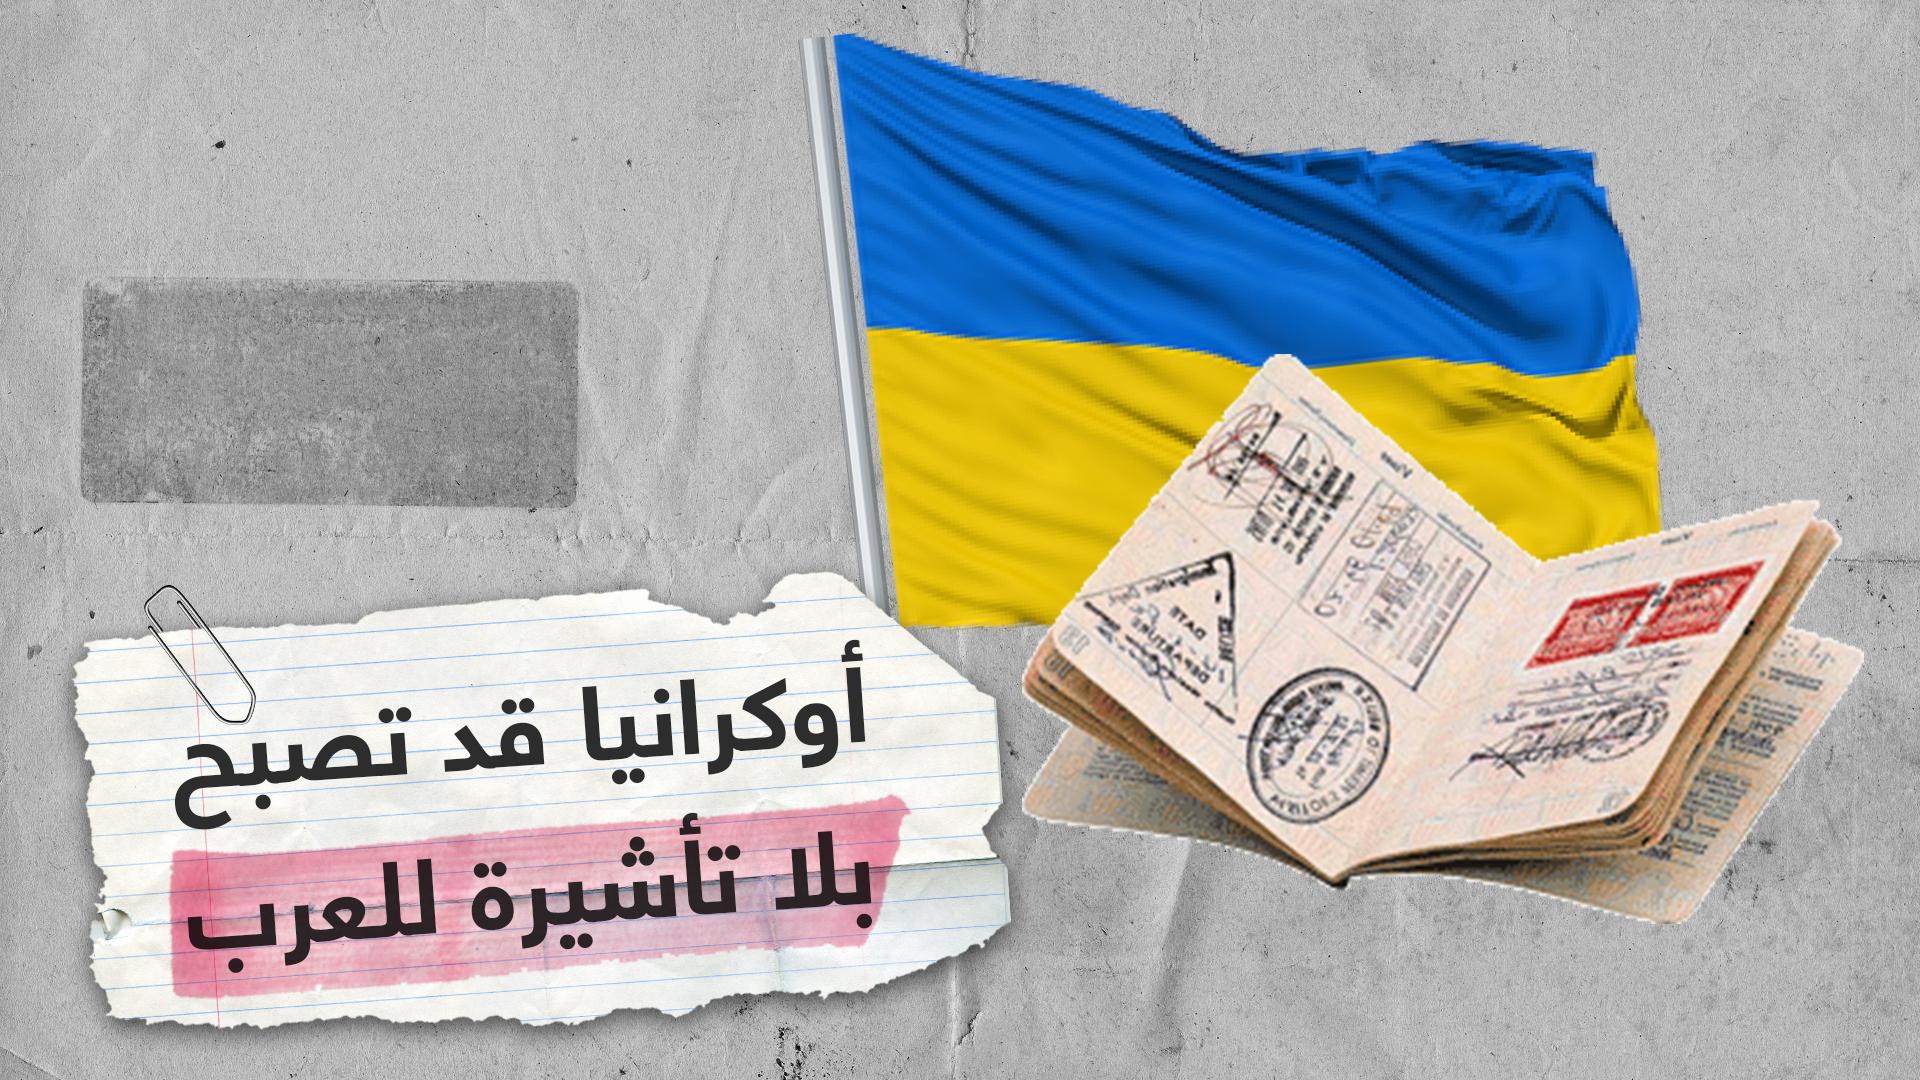 أوكرانيا تفكر في منح العرب دخولا إليها دون تأشيرة